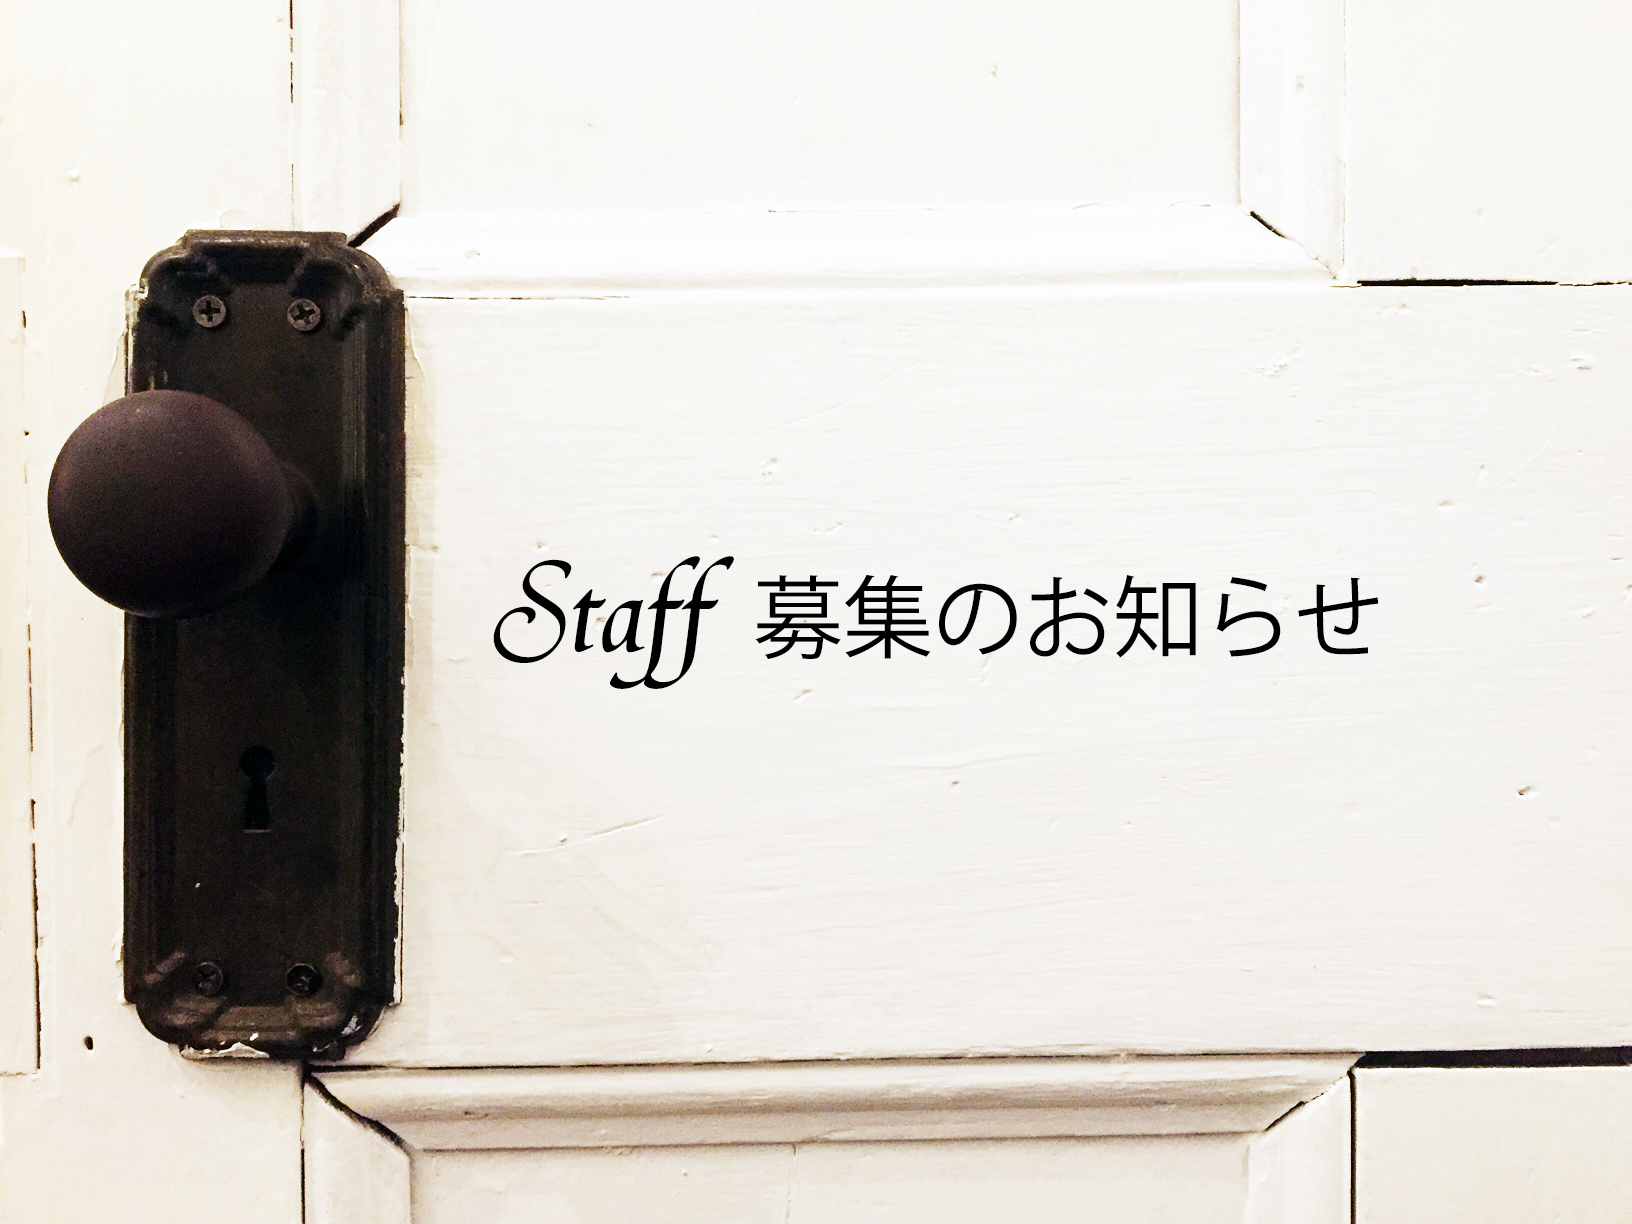 Staff 募集